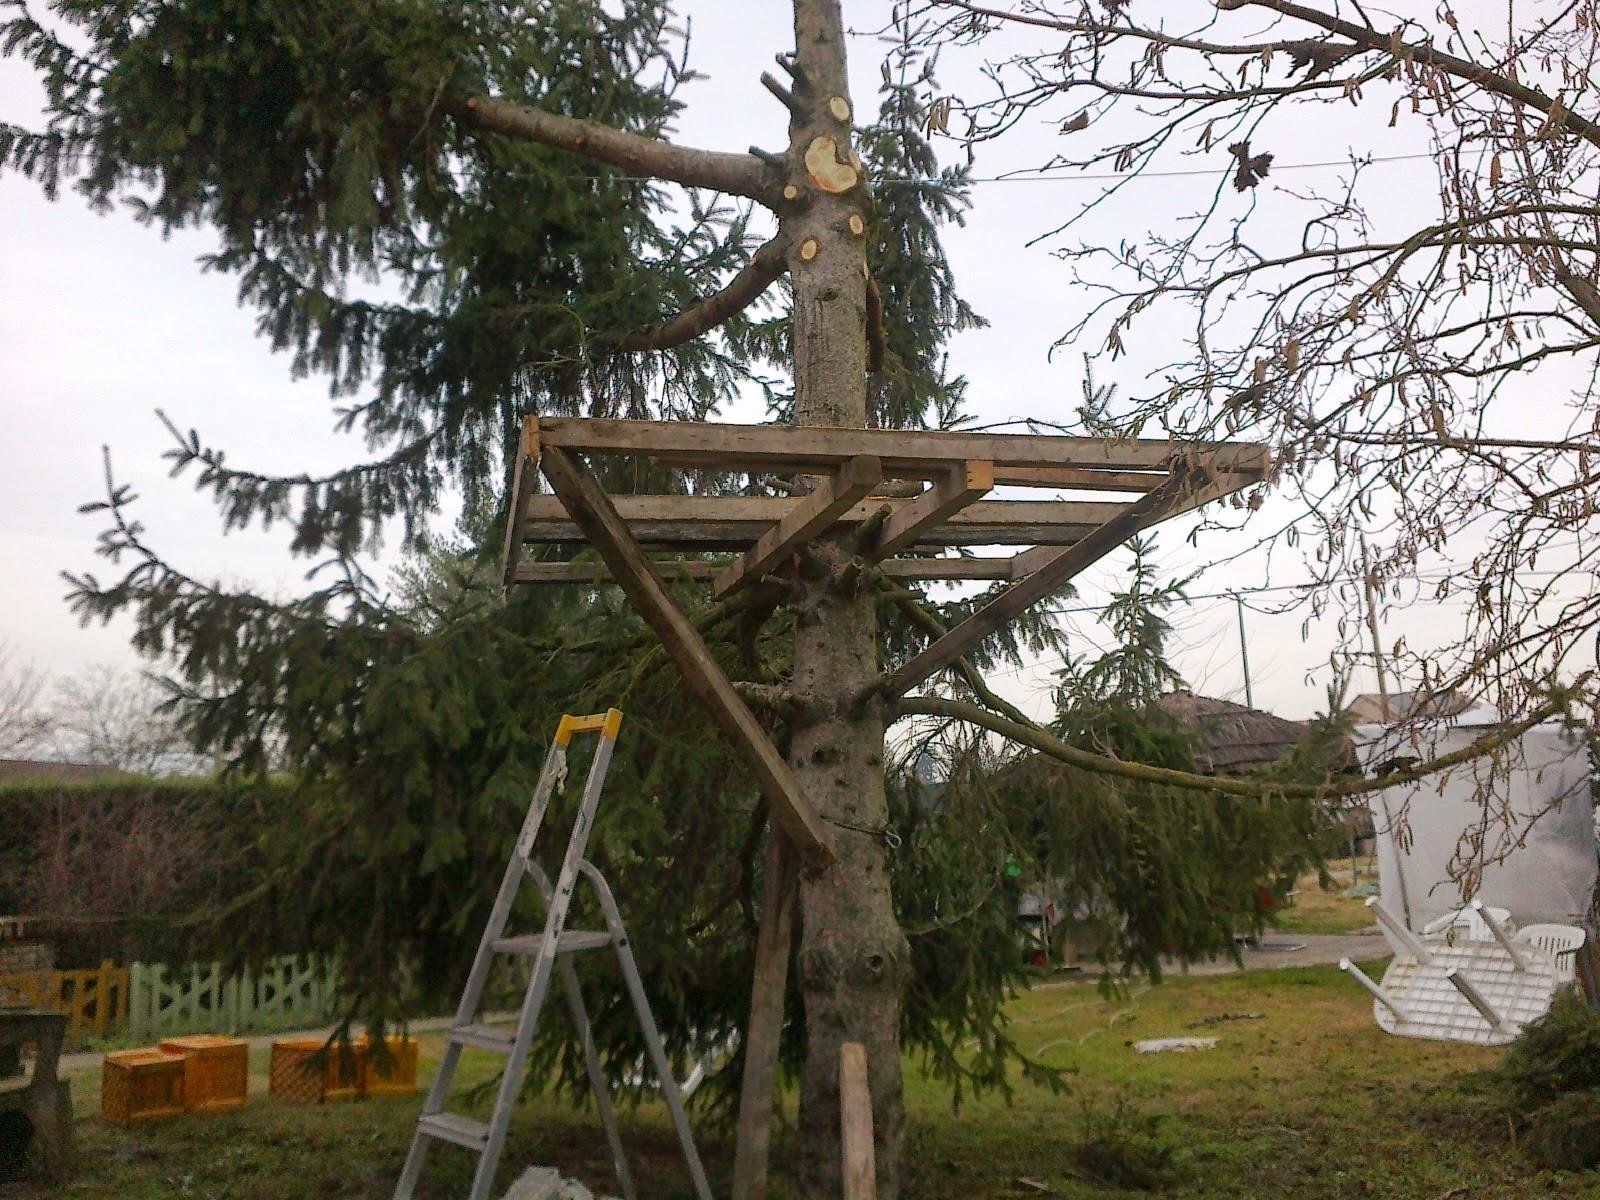 Gli argomenti spaziano casa sull 39 albero inizio - Casa sull albero minecraft ...